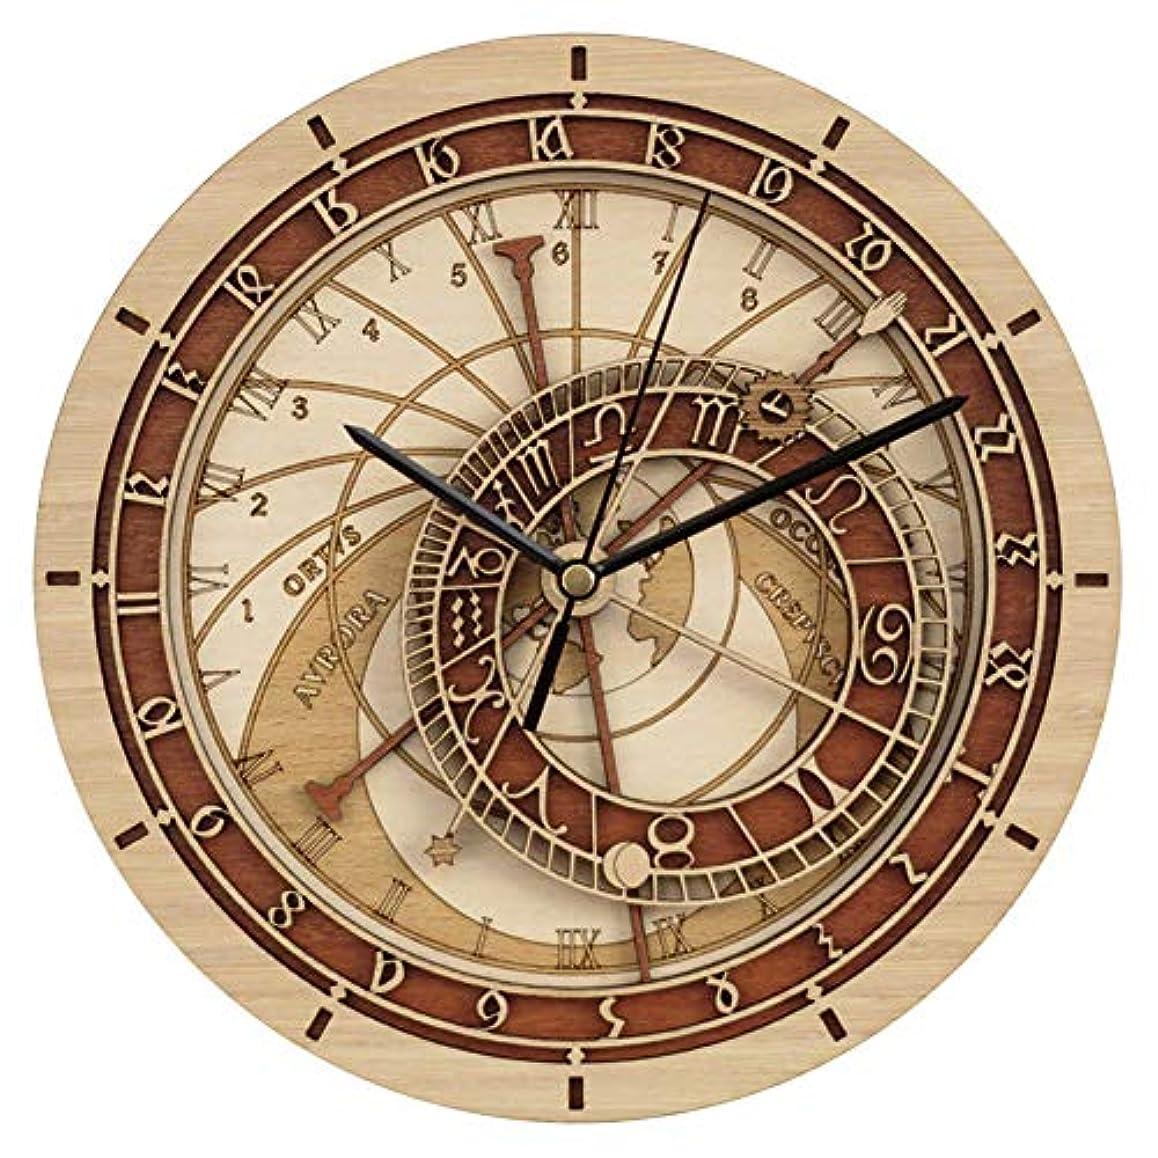 爵概念爵プラハ天文木製壁掛け時計、ラウンド12インチ/ 30CMフレームレス天文学12星座サイレントクォーツ時計、ファッションホームデコレーション壁掛け時